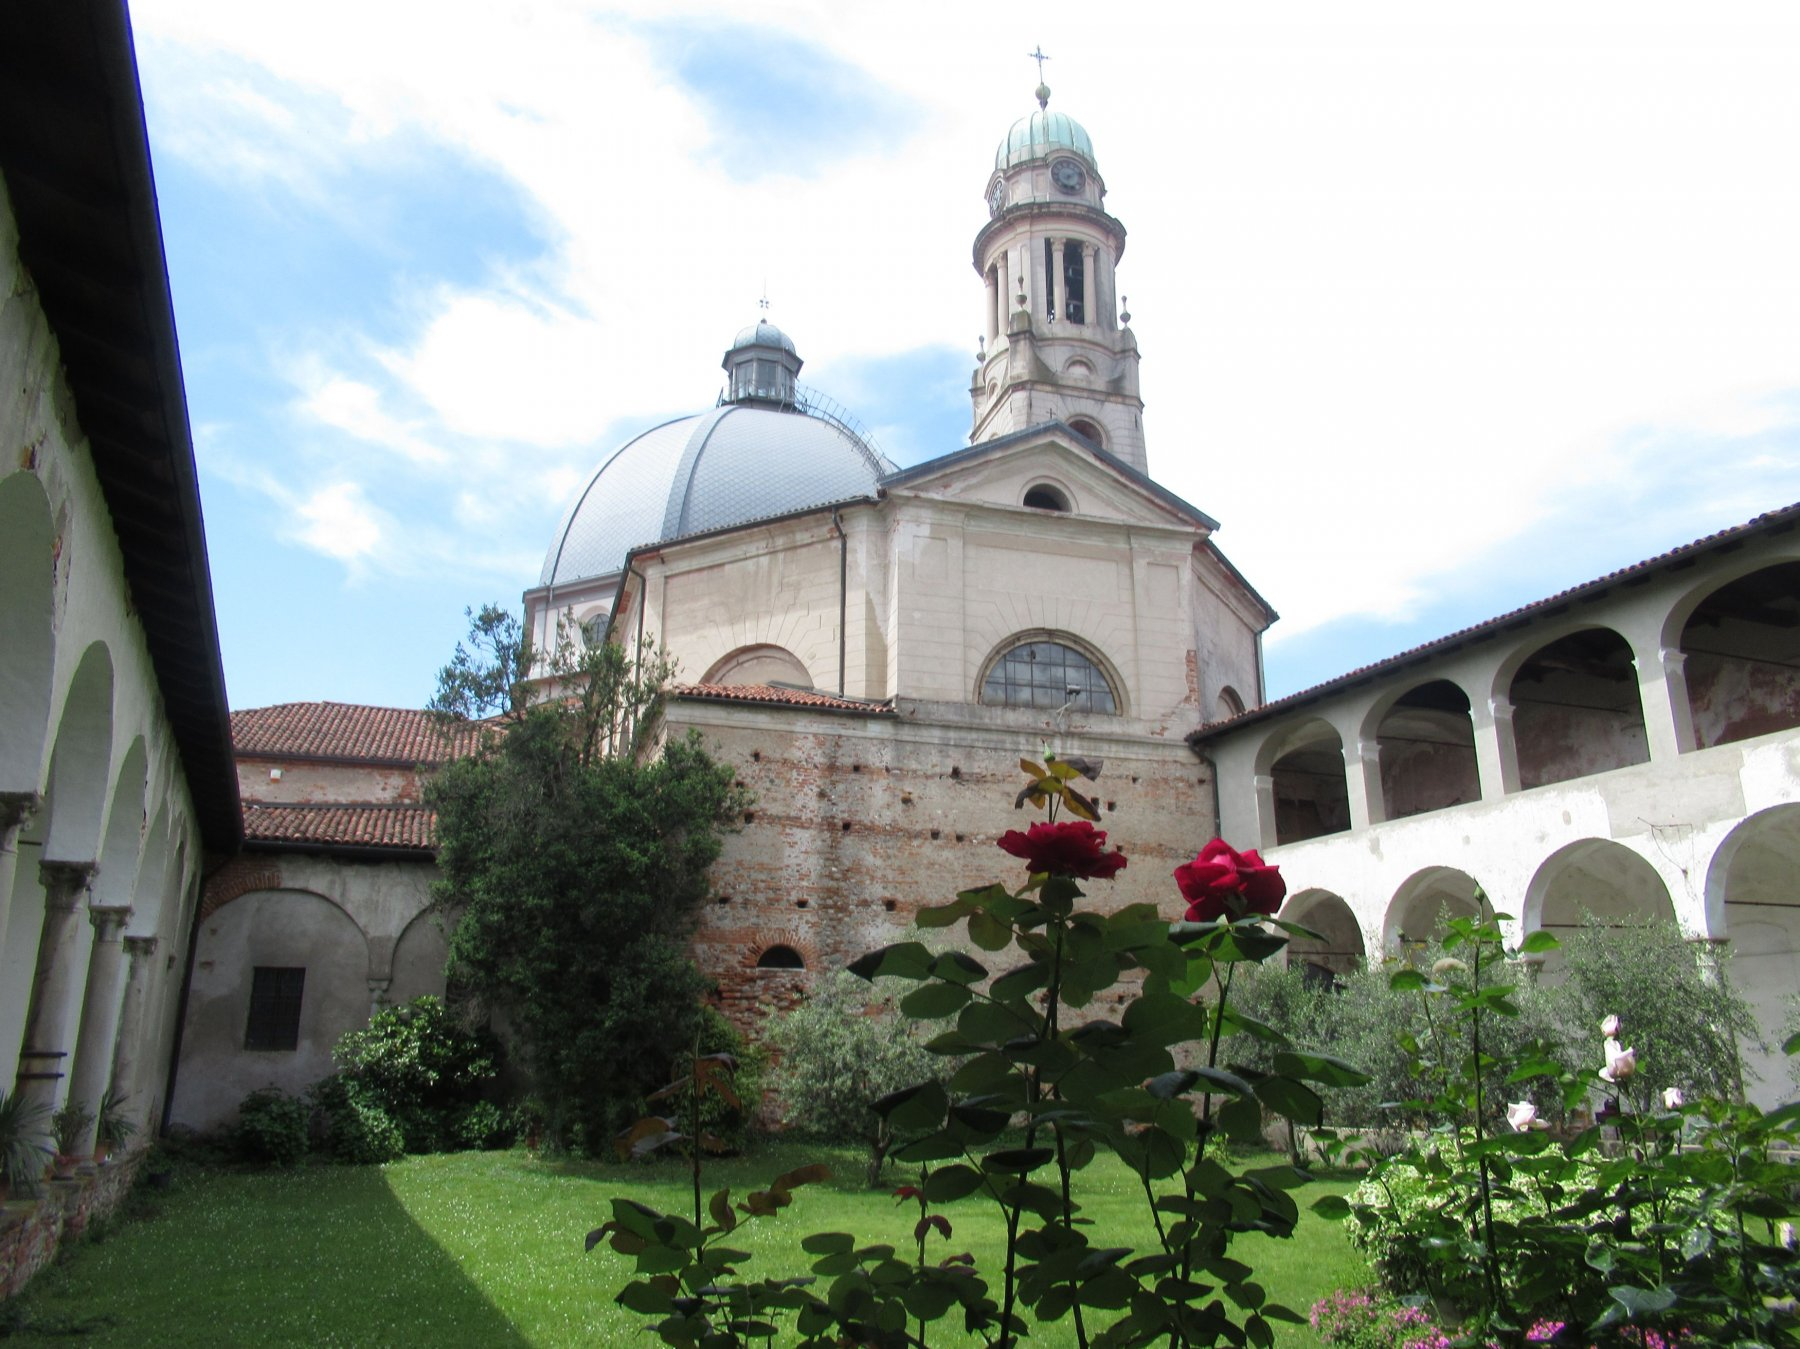 Chiesa di San Pietro a Gattinara dove si trova la misteriosa Madonna Nera di Rado